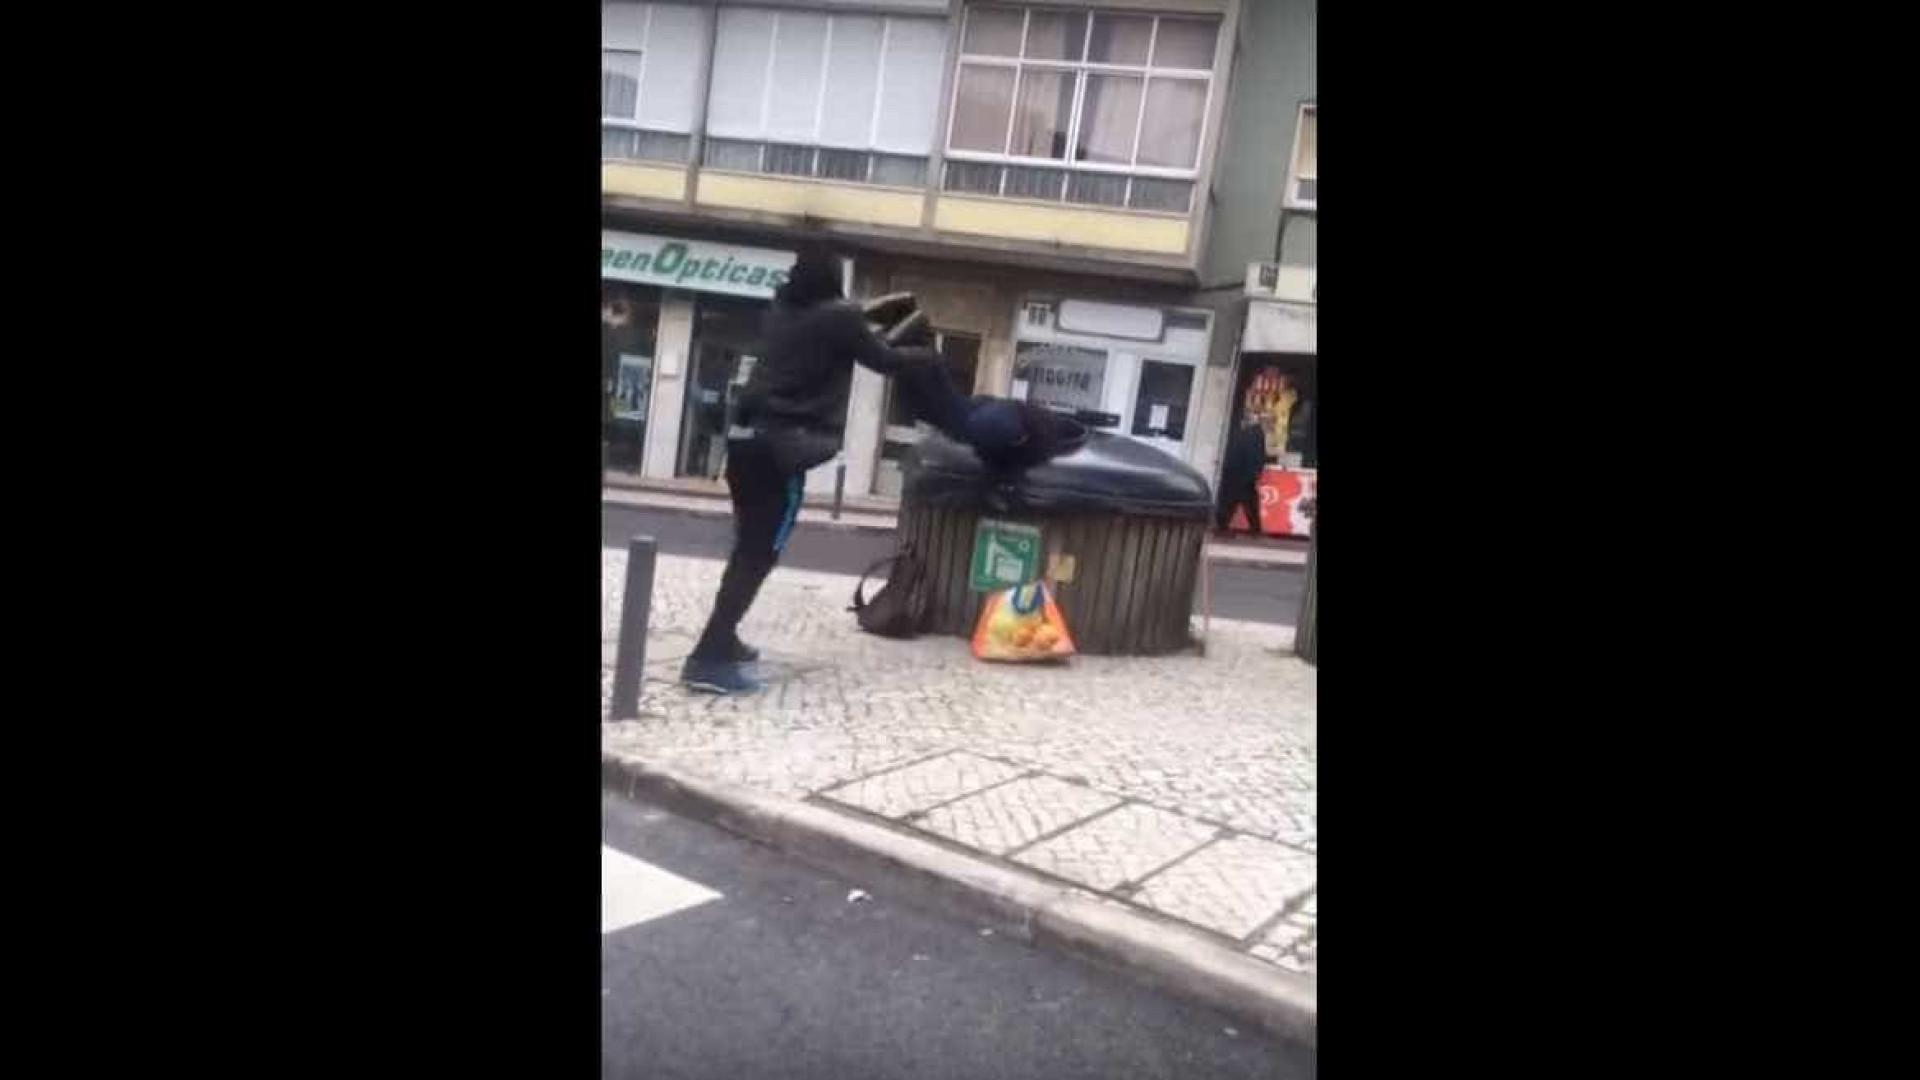 Amadora: Jovem empurra sem-abrigo para contentor do lixo